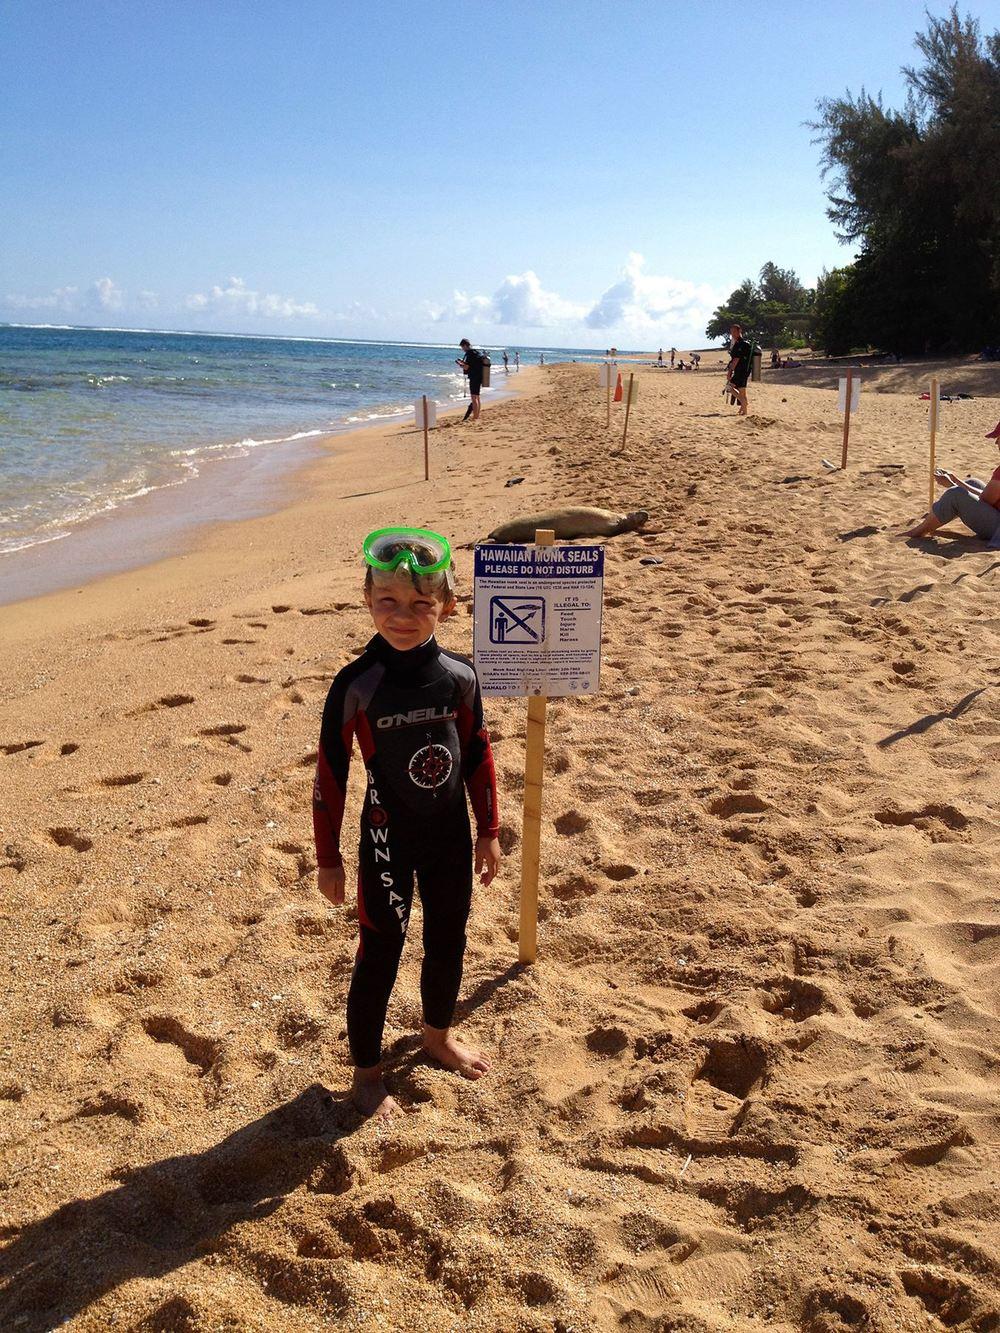 Connor+Beach+Cleanup+hawaii19.jpg